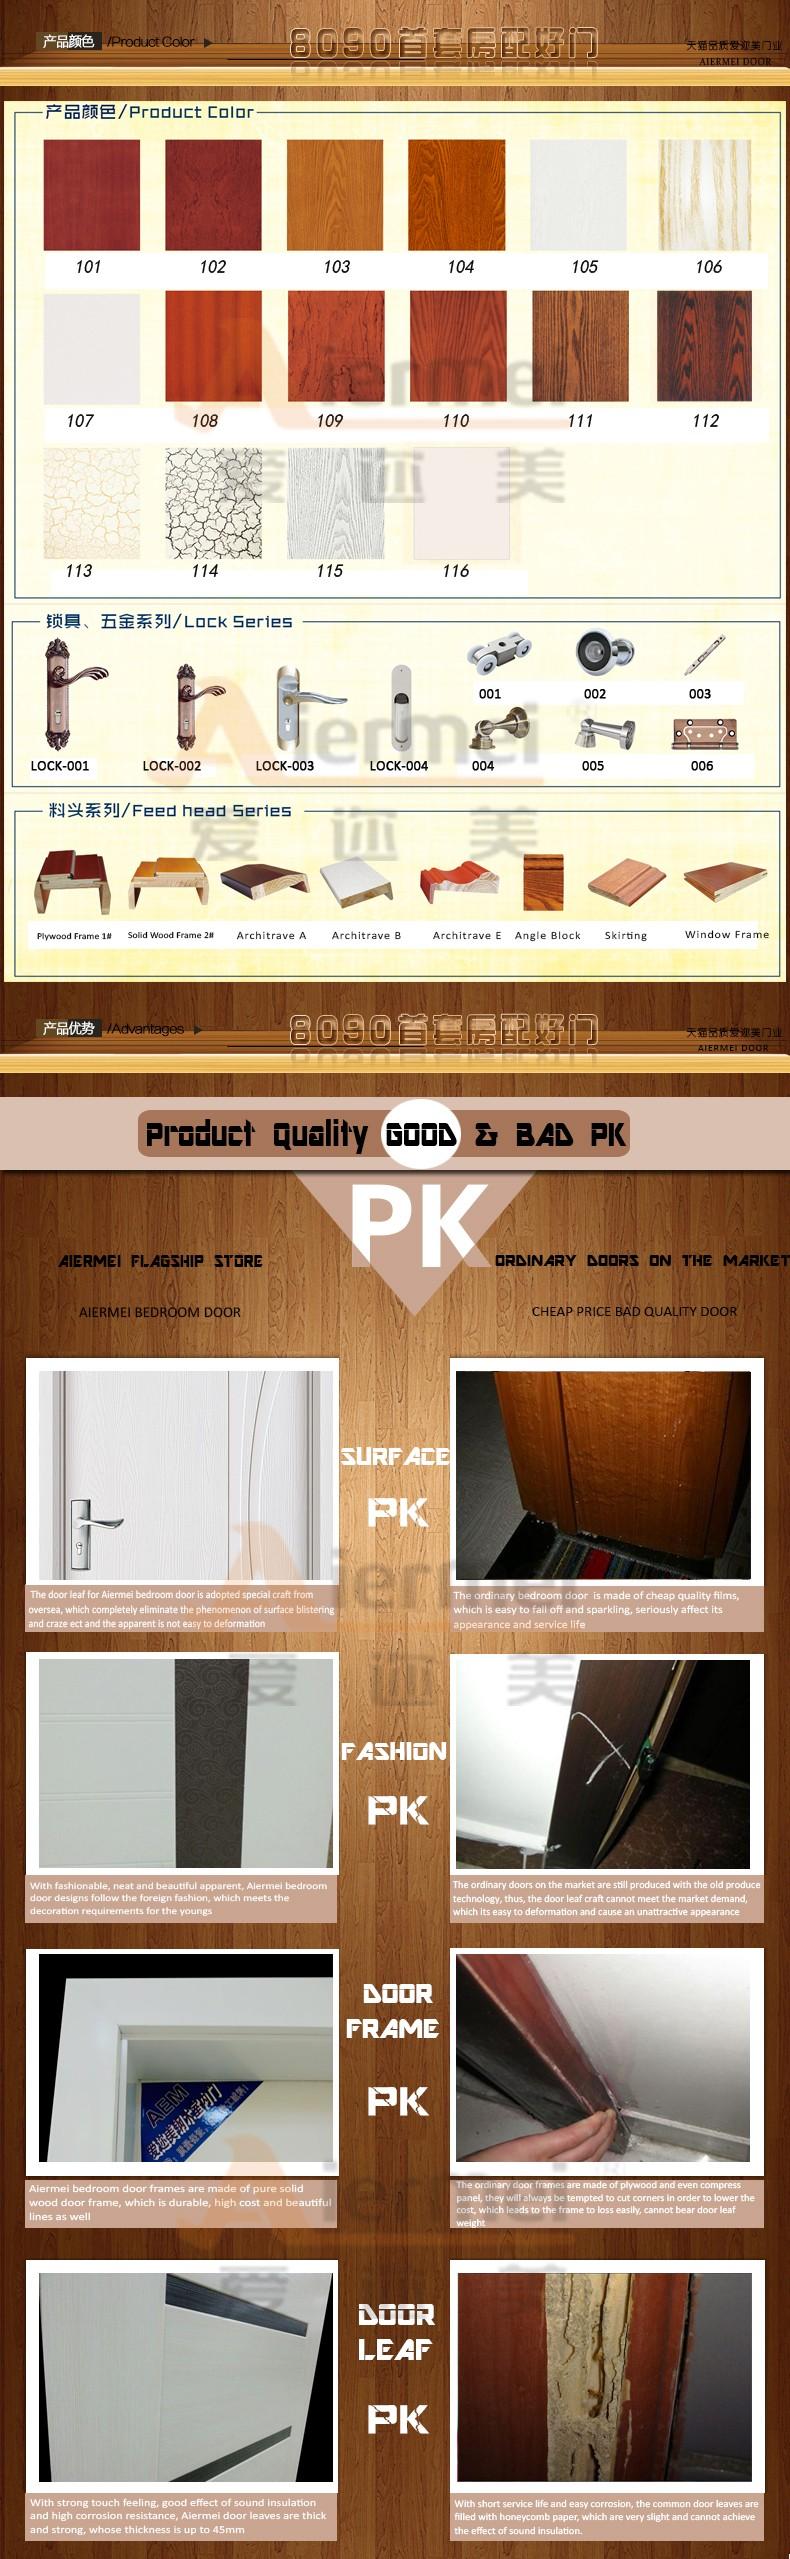 interior wood bedroom door classical door design wood veneered interior wood bedroom door classical door design wood veneered door painting finish mdf solid